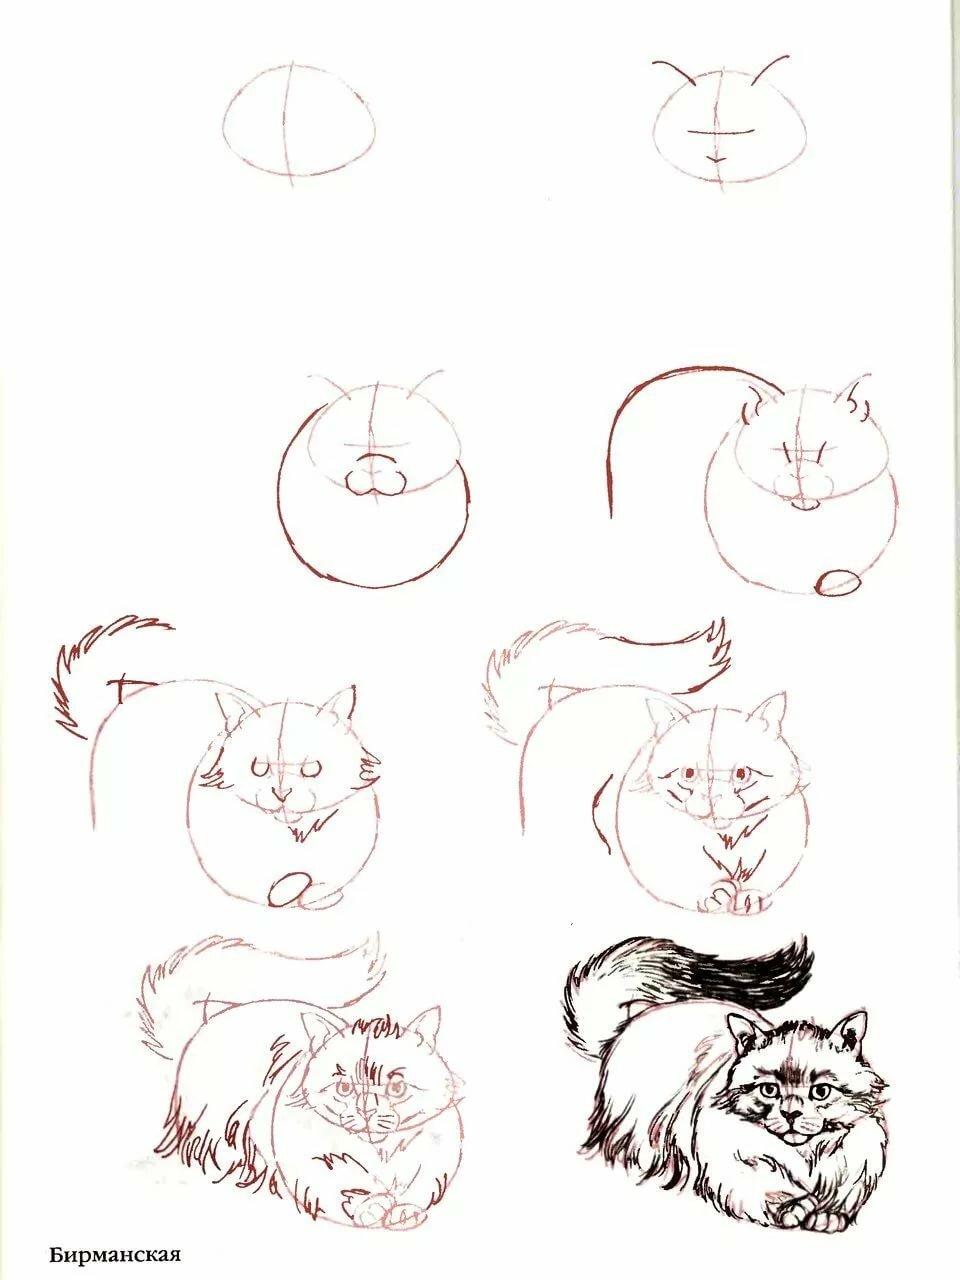 Смешные рисунки по этапам карандашом, днем рождения женщине